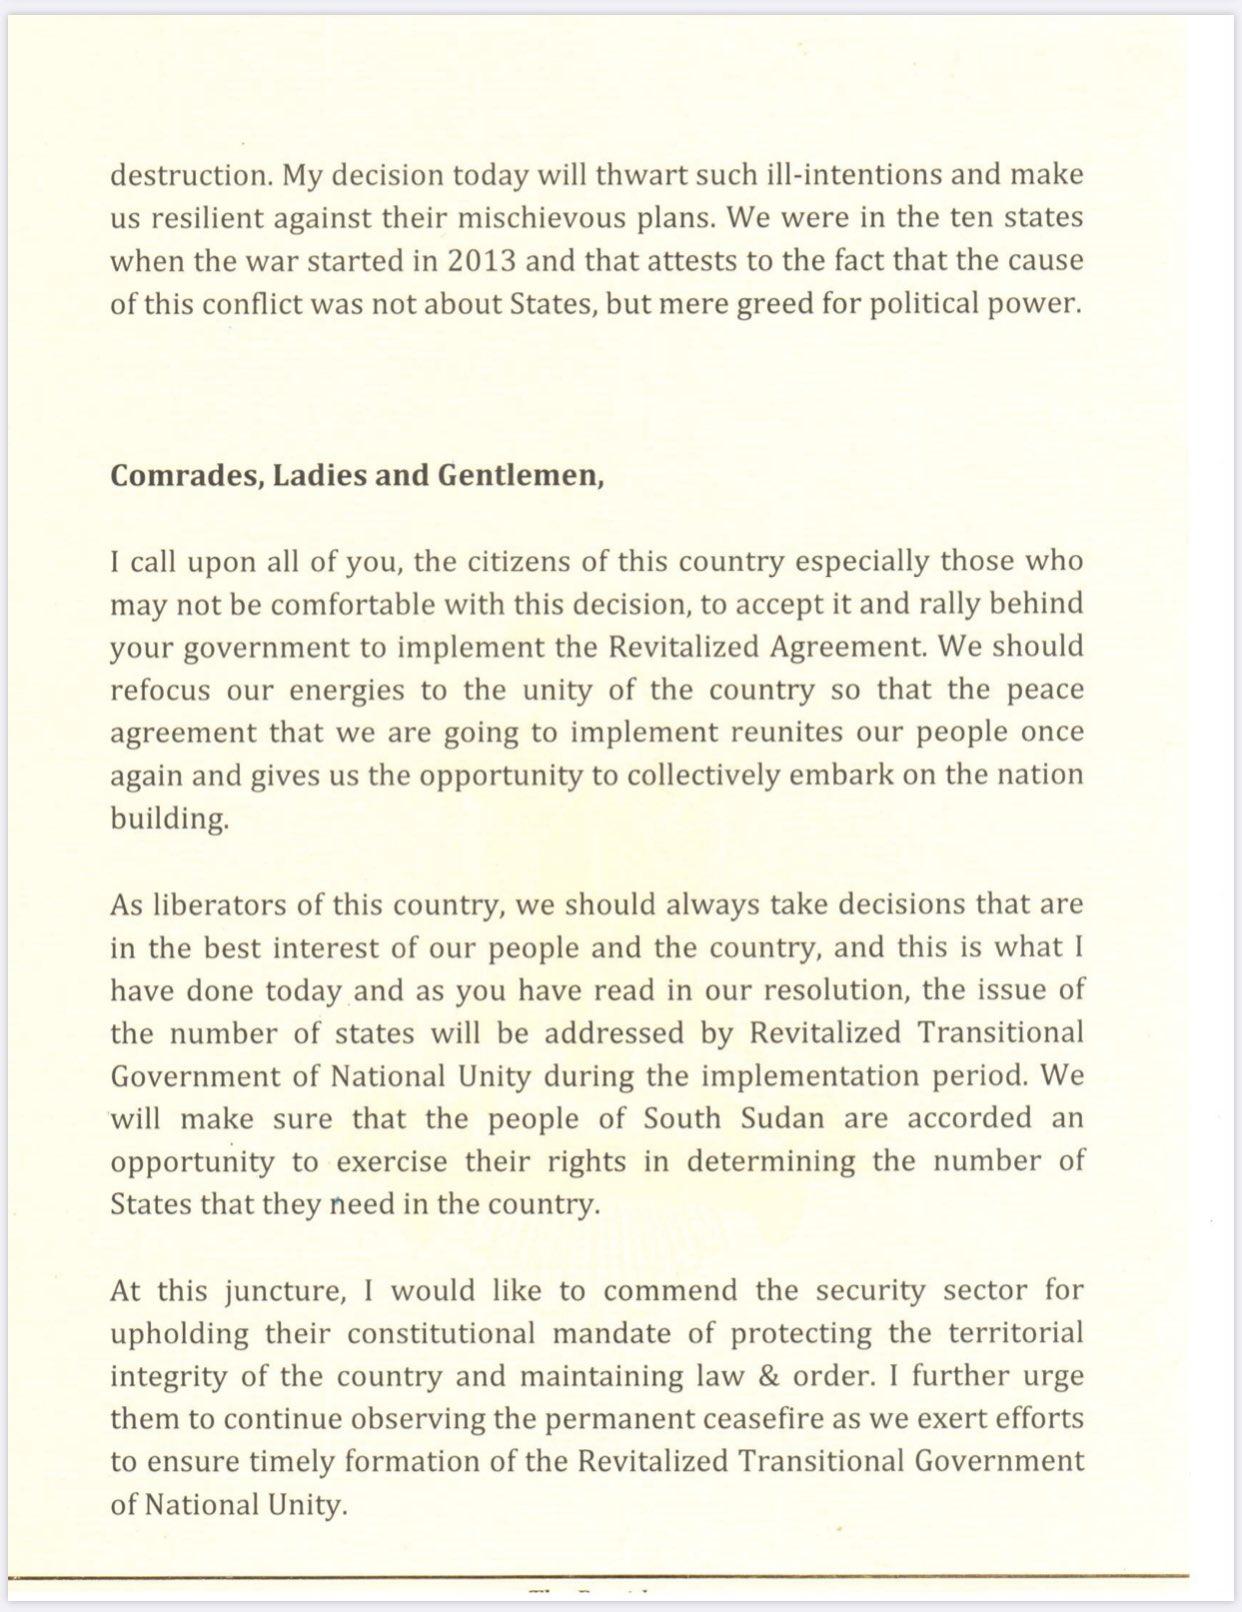 Kiir-statement3